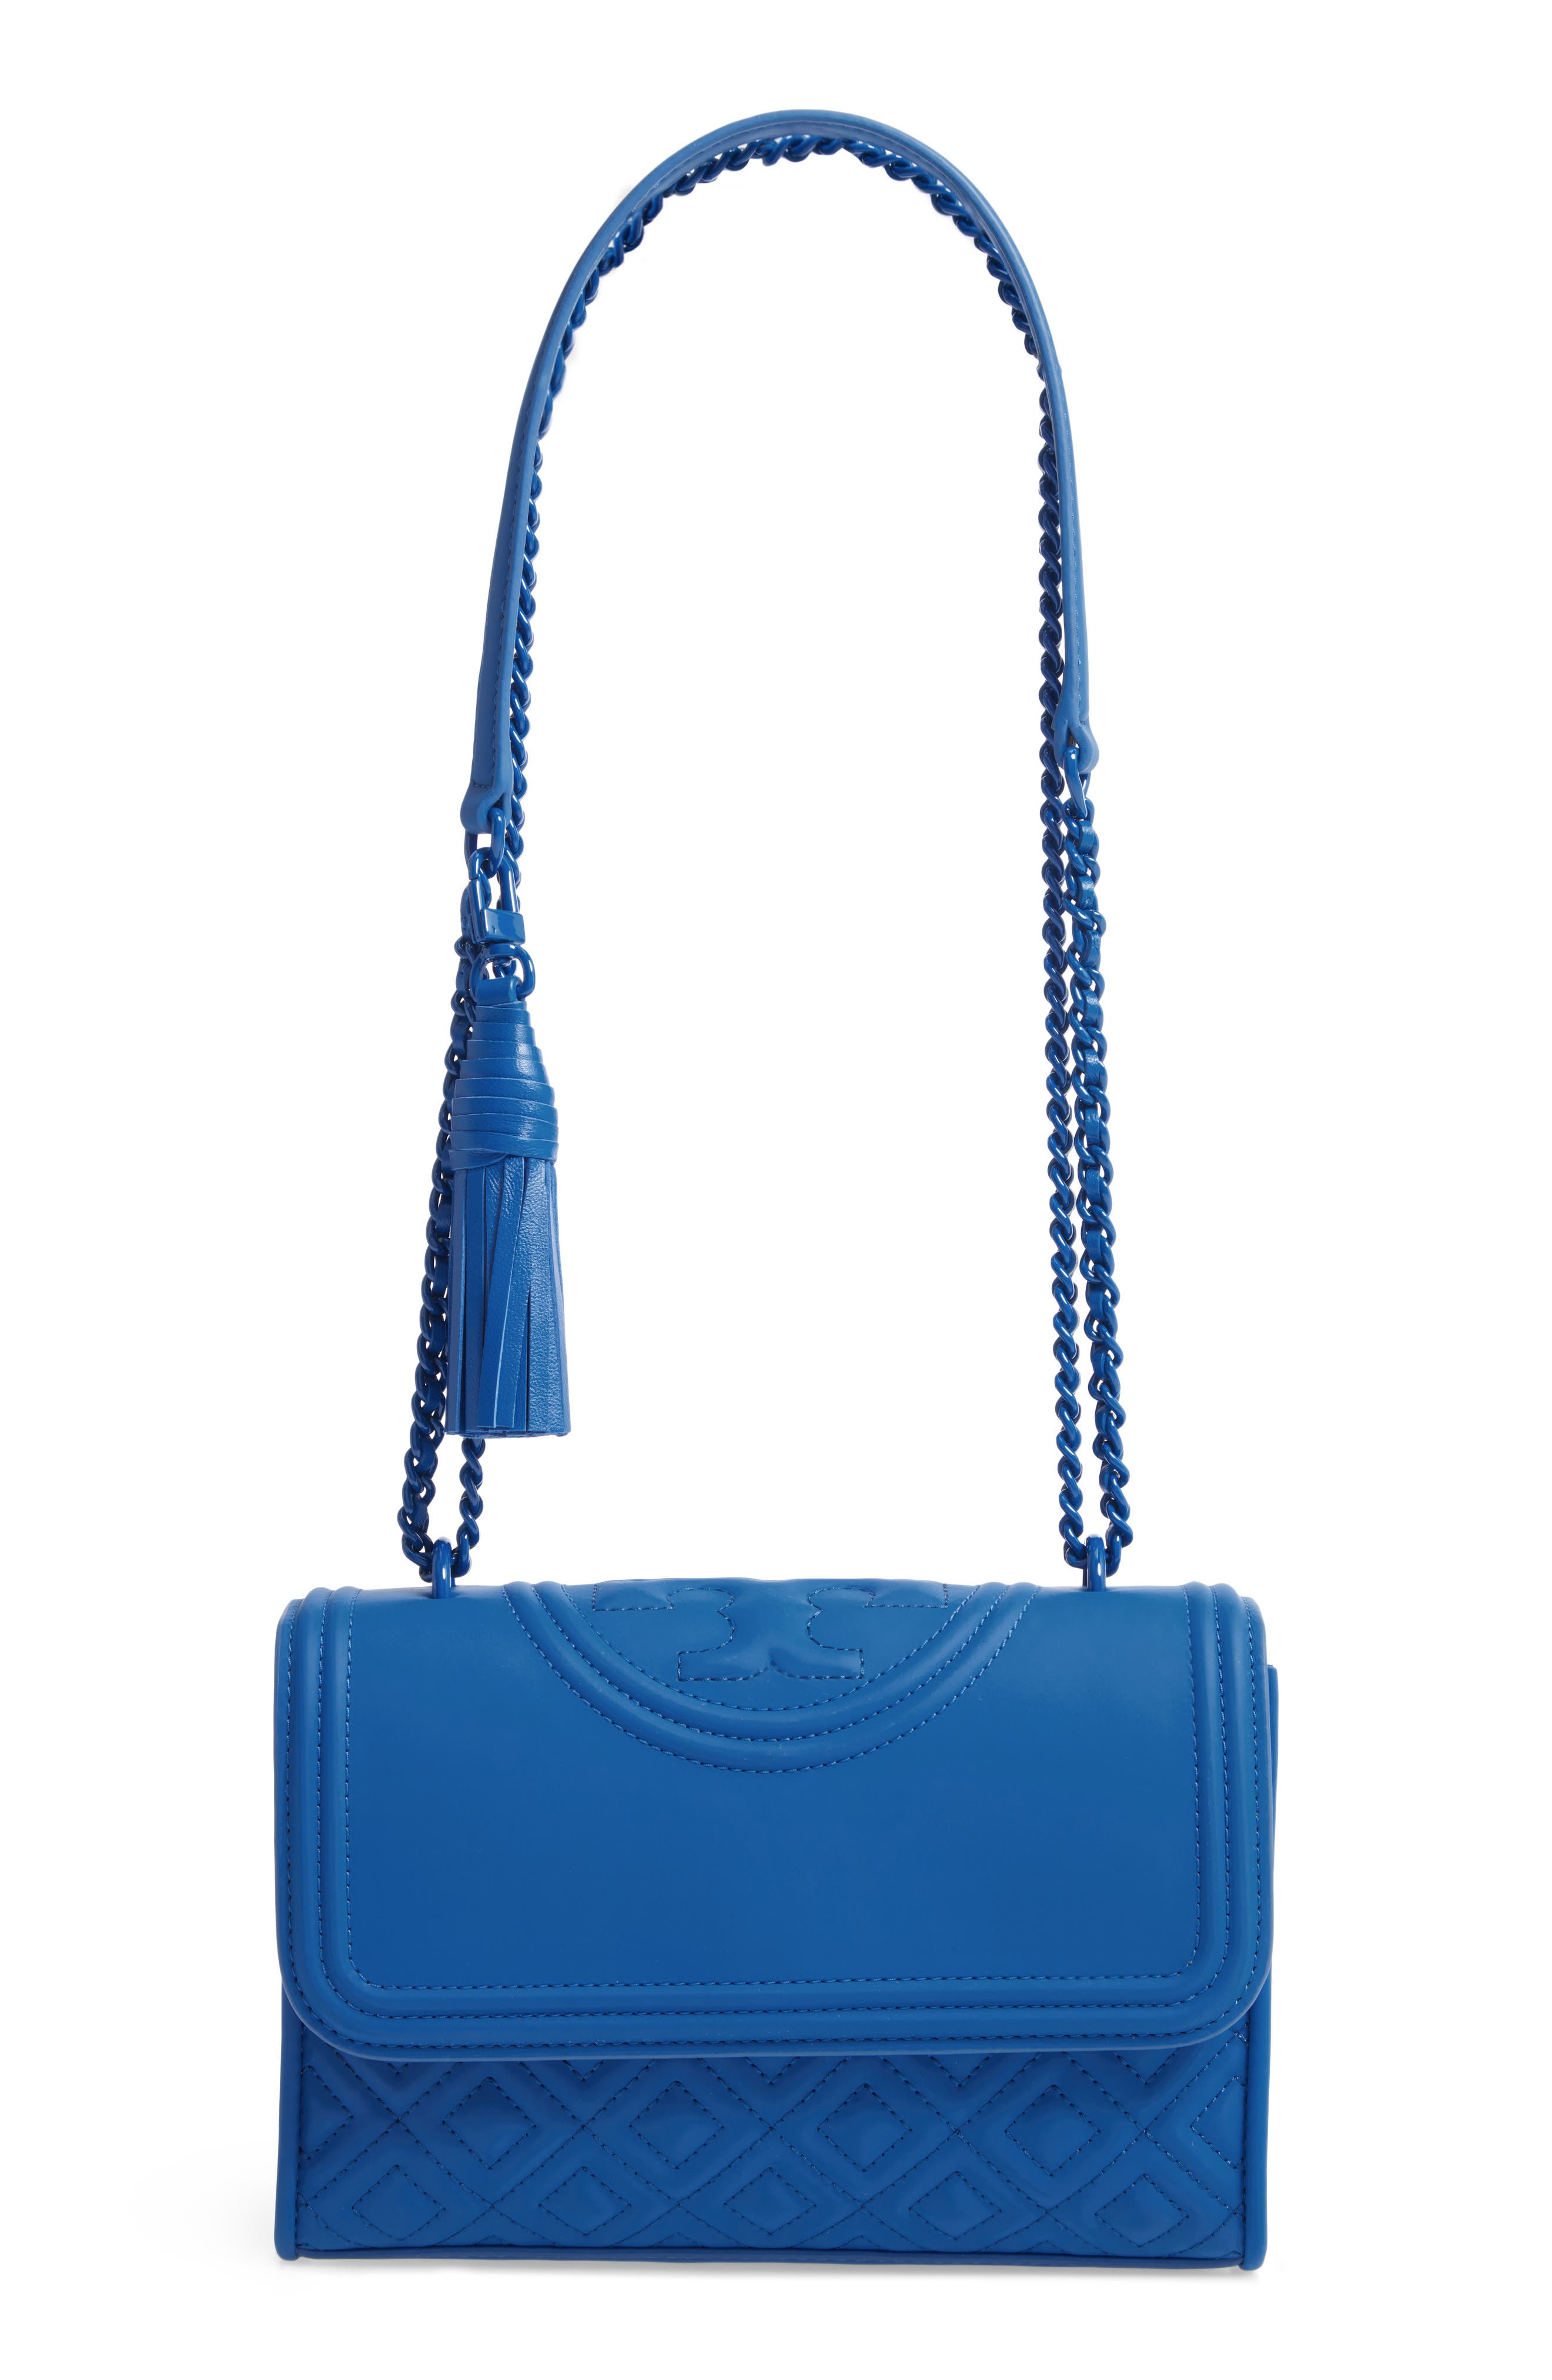 1d74e687f134 Tory Burch Handbags   Wallets